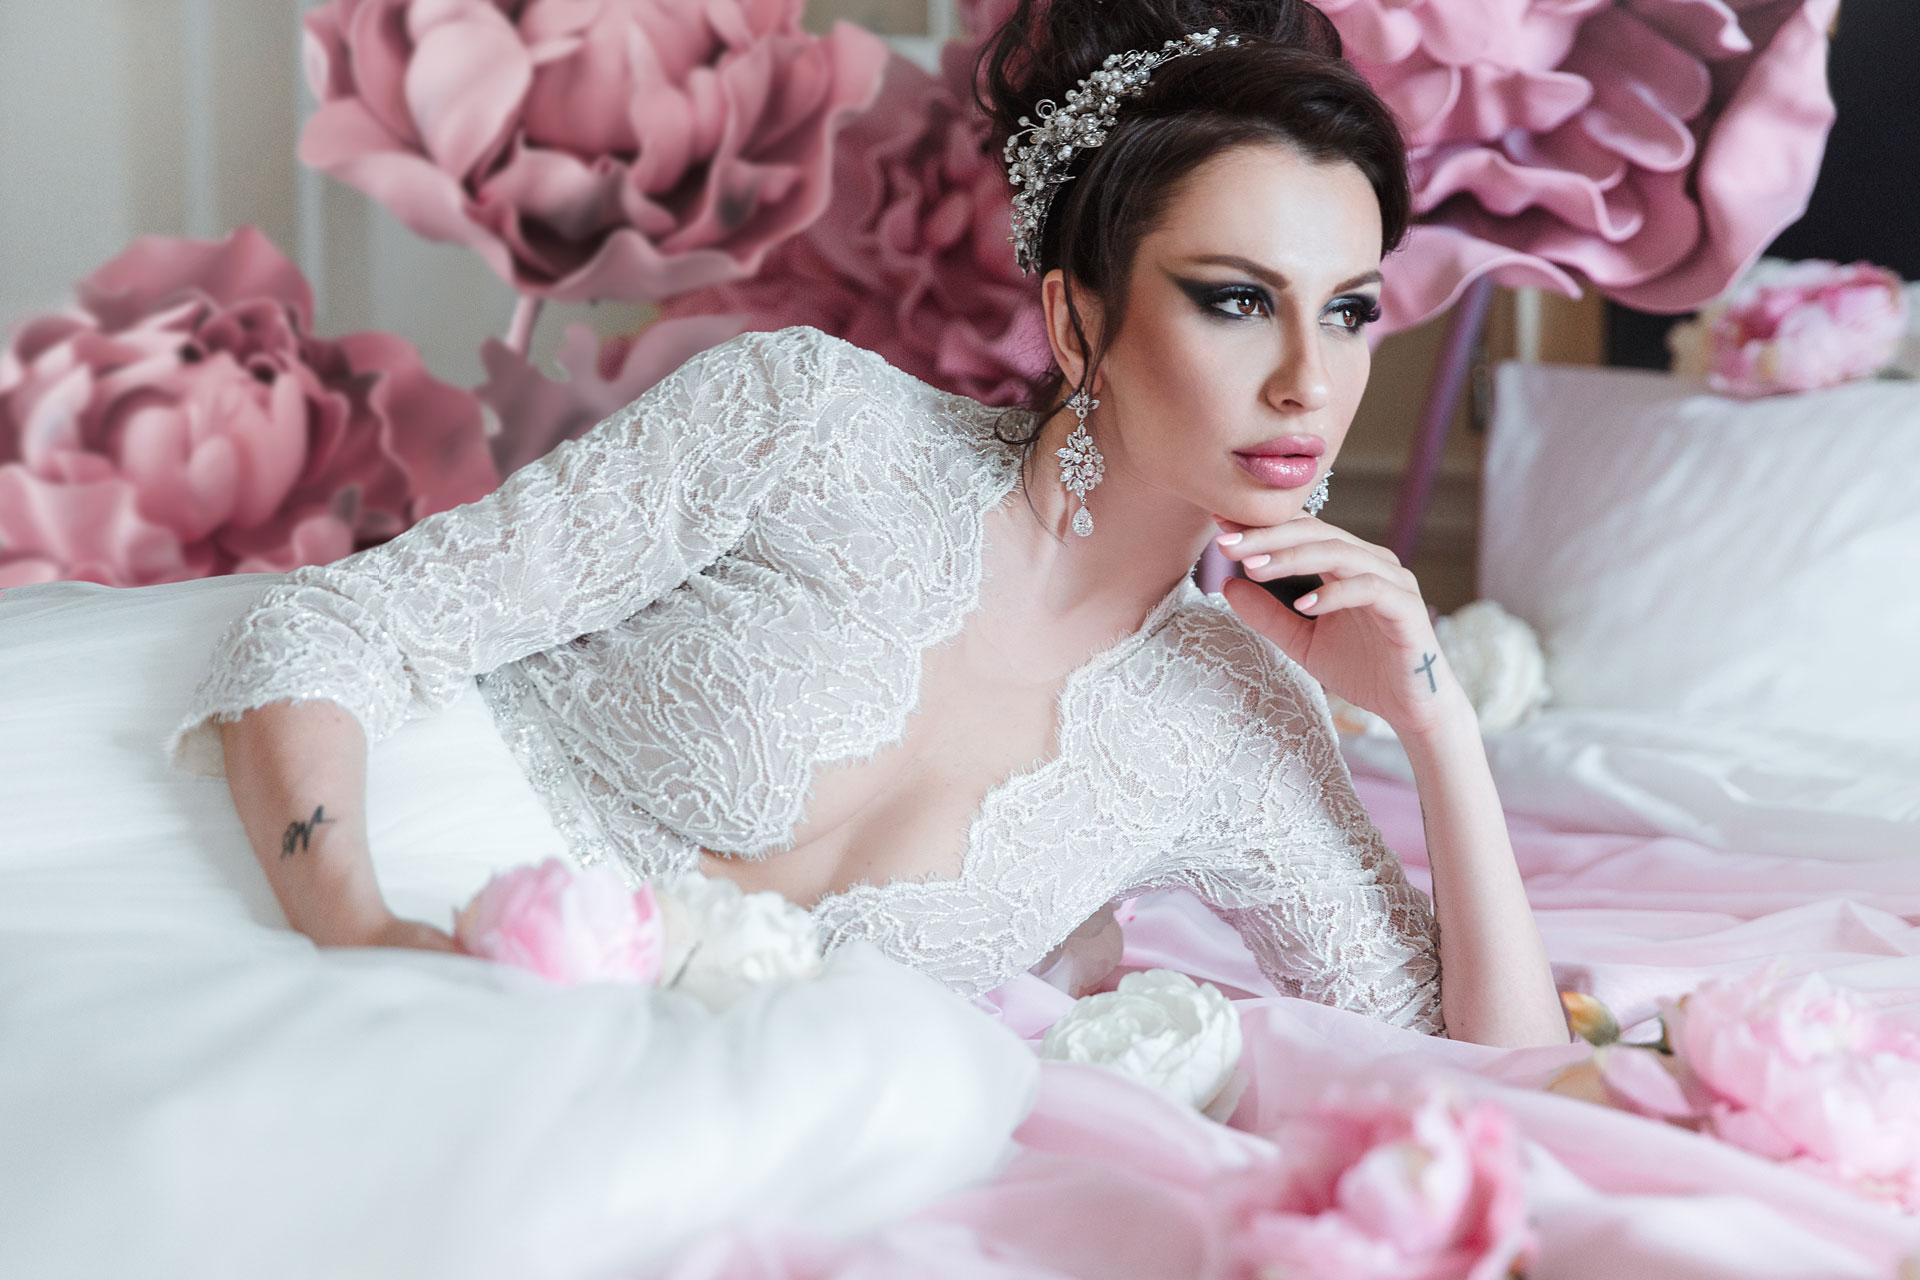 Пионовая свадьба. Свадьба Анны Грачевской и Артема Кузякина фото 15